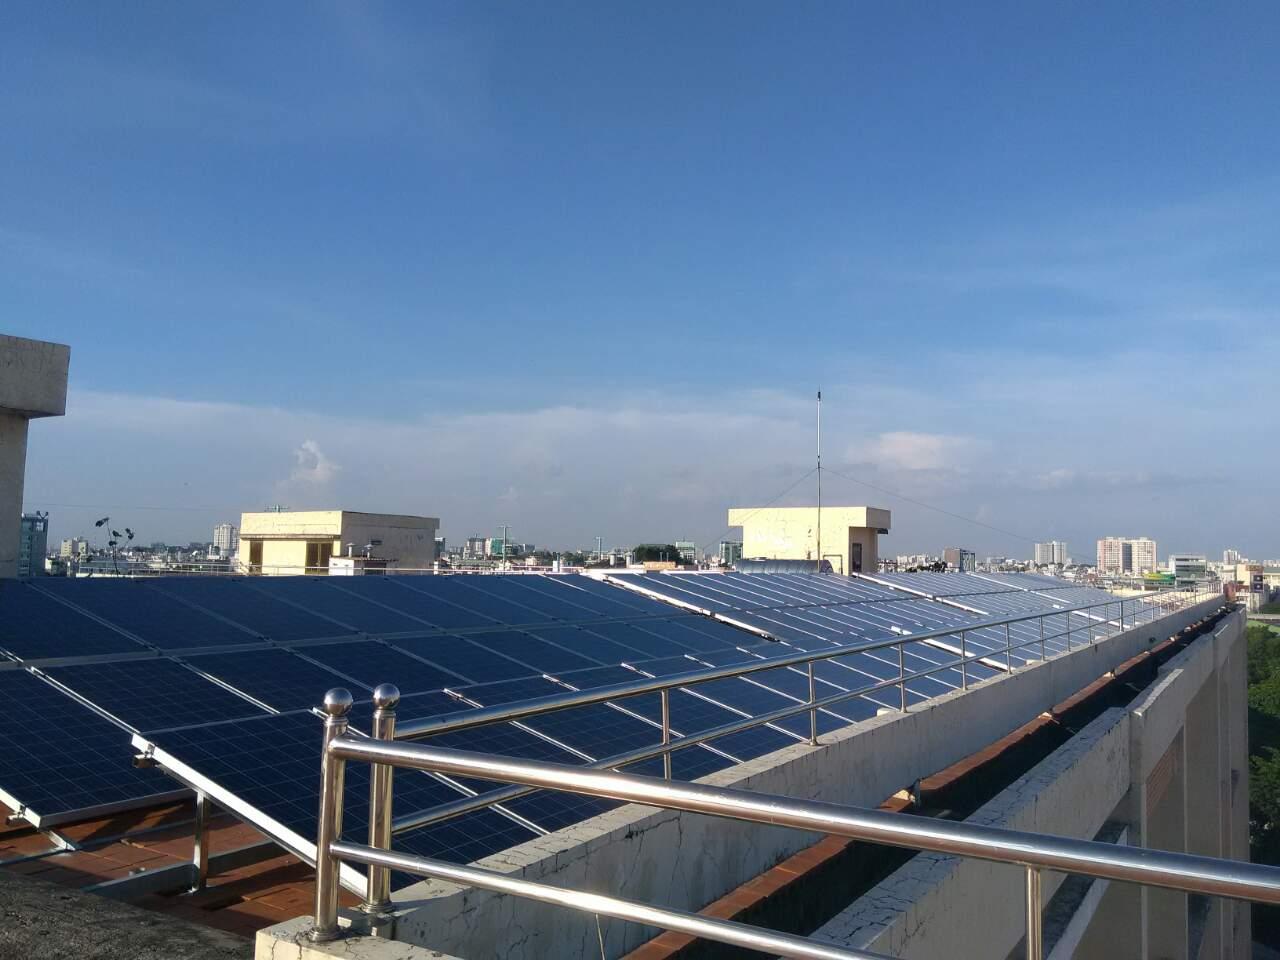 Làm gì để trụ vững trong nghề kỹ sư bán hàng ngành năng lượng mặt trời?